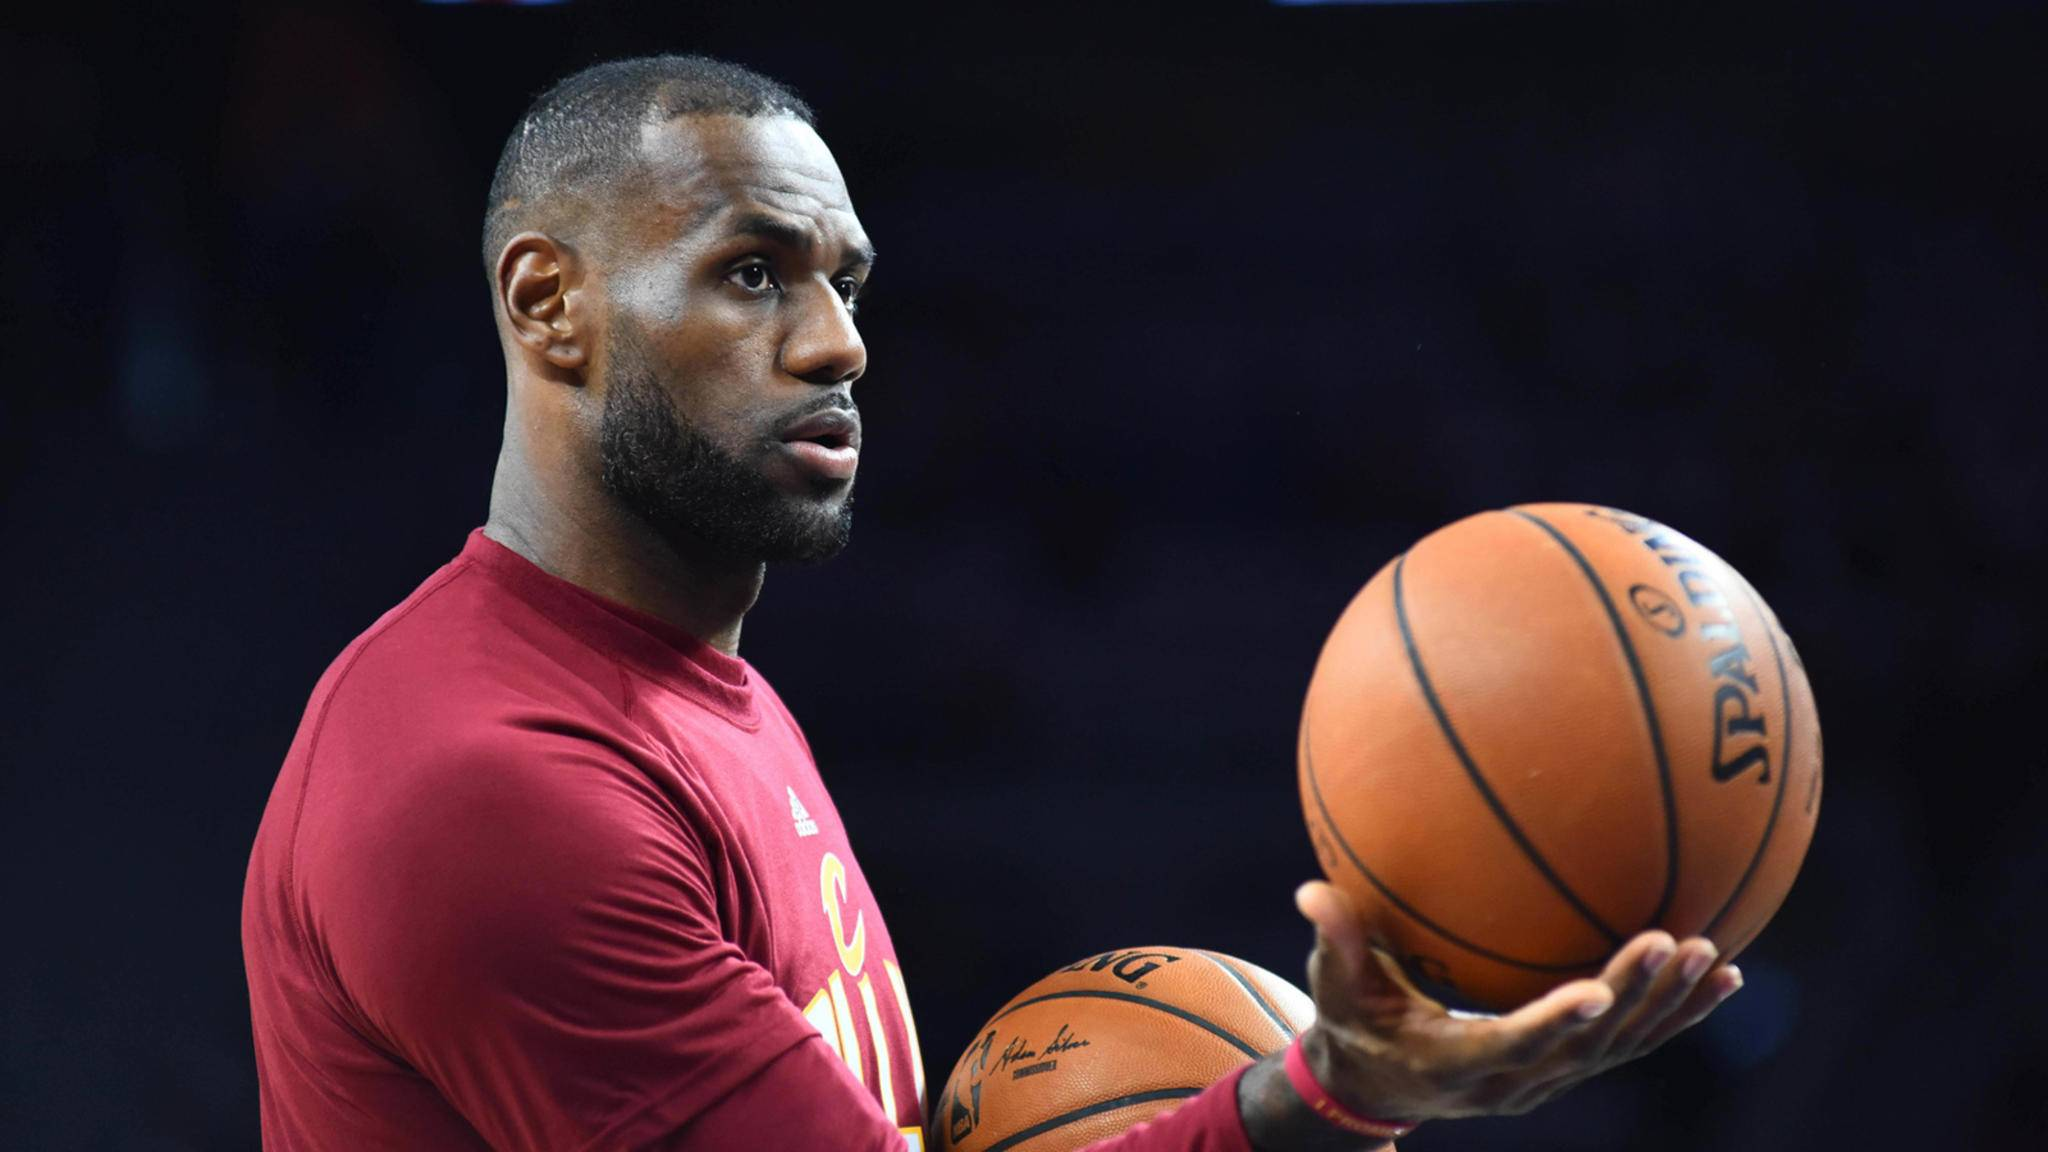 Die Outfit-Frage haben Basketball-Superstar LeBron James und die Looney Tunes schon mal geklärt.